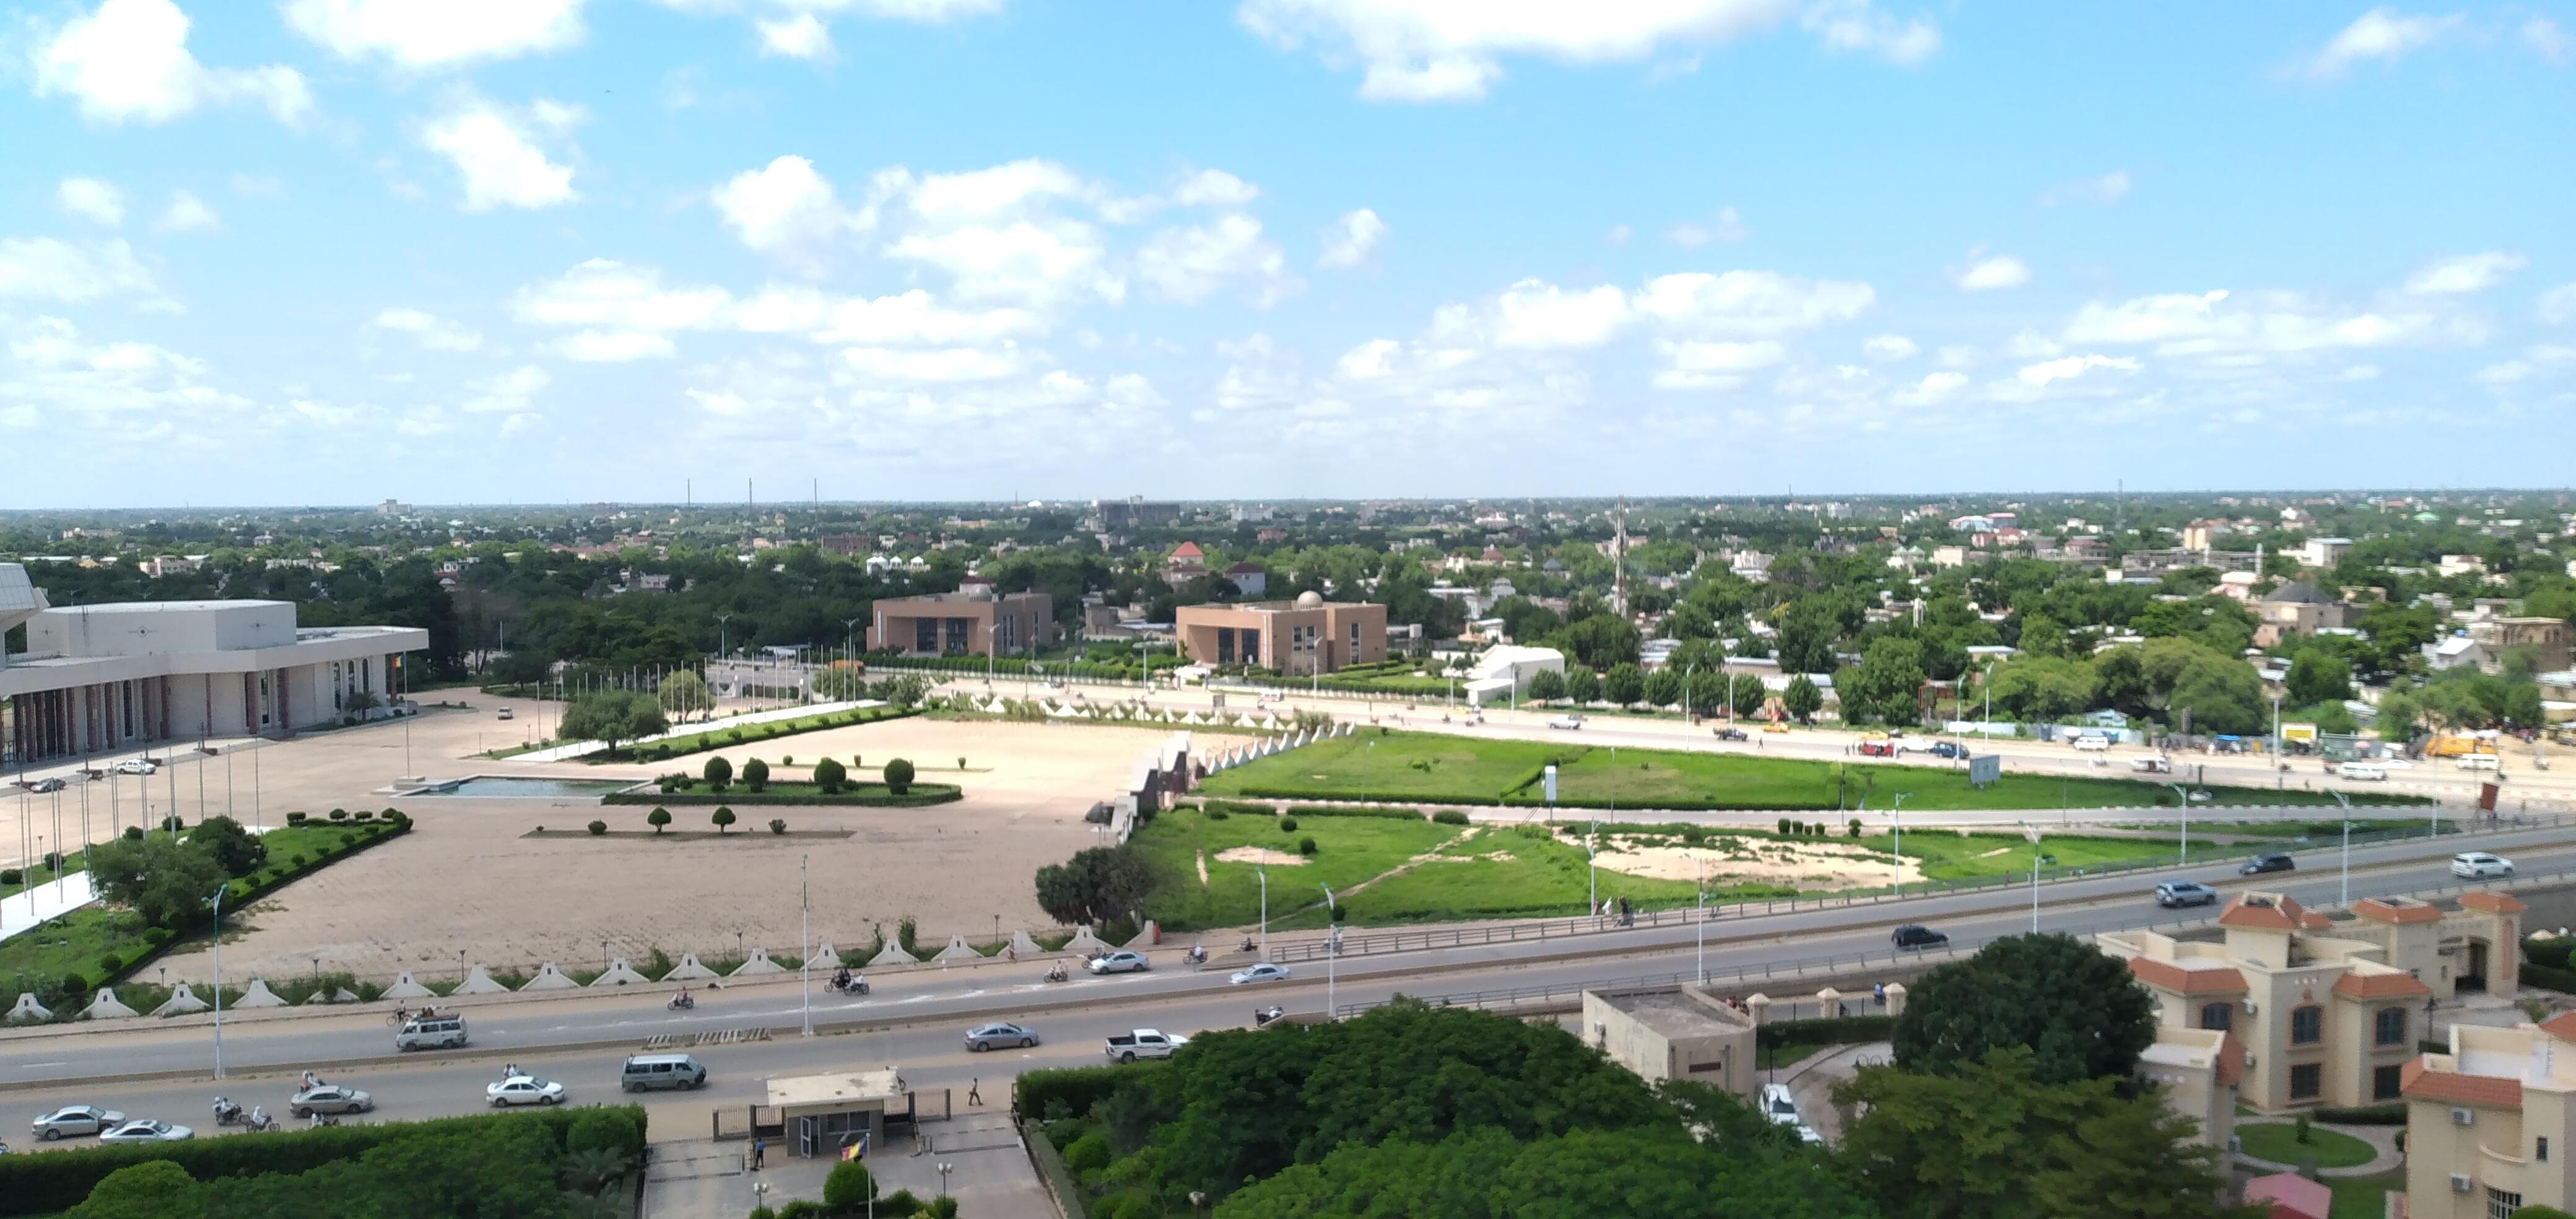 Tchad : Forum national, une proposition pour changer de capitale